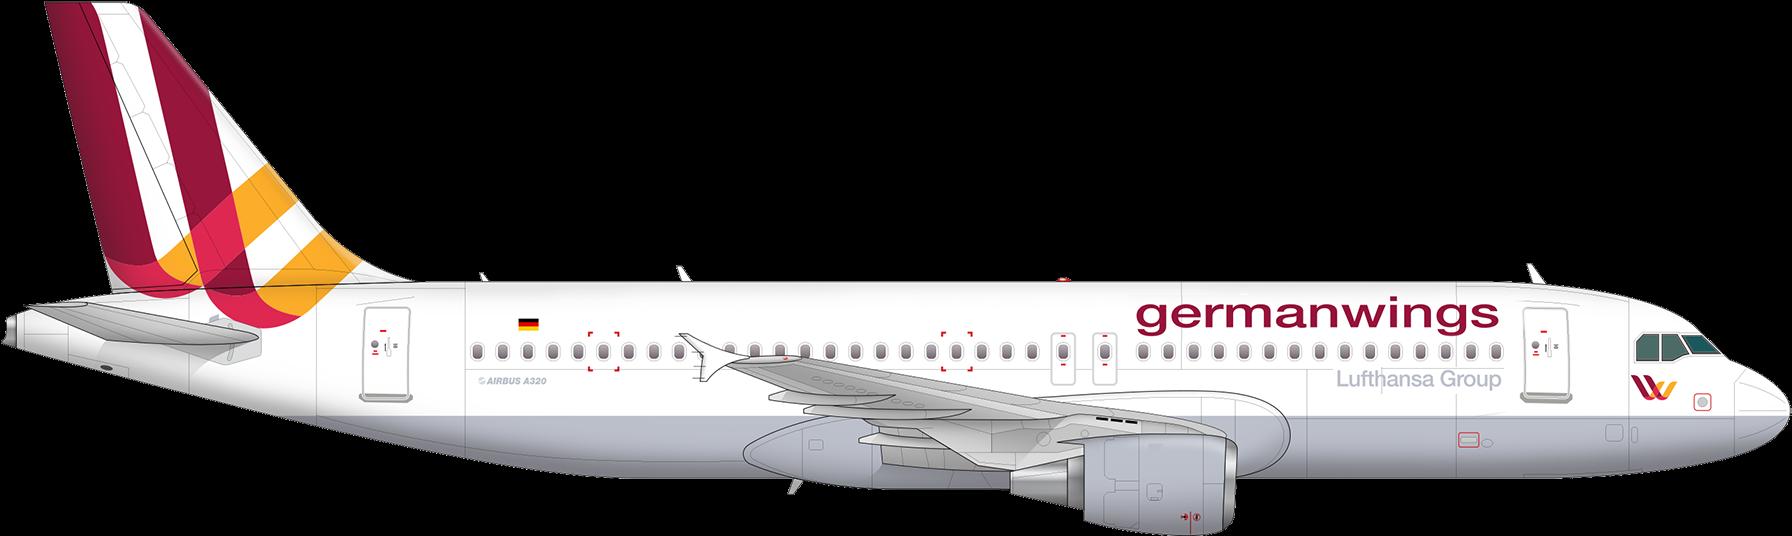 Merveilleux Mot-Clé Download Avion Png   Full Size PNG Image   PNGkit